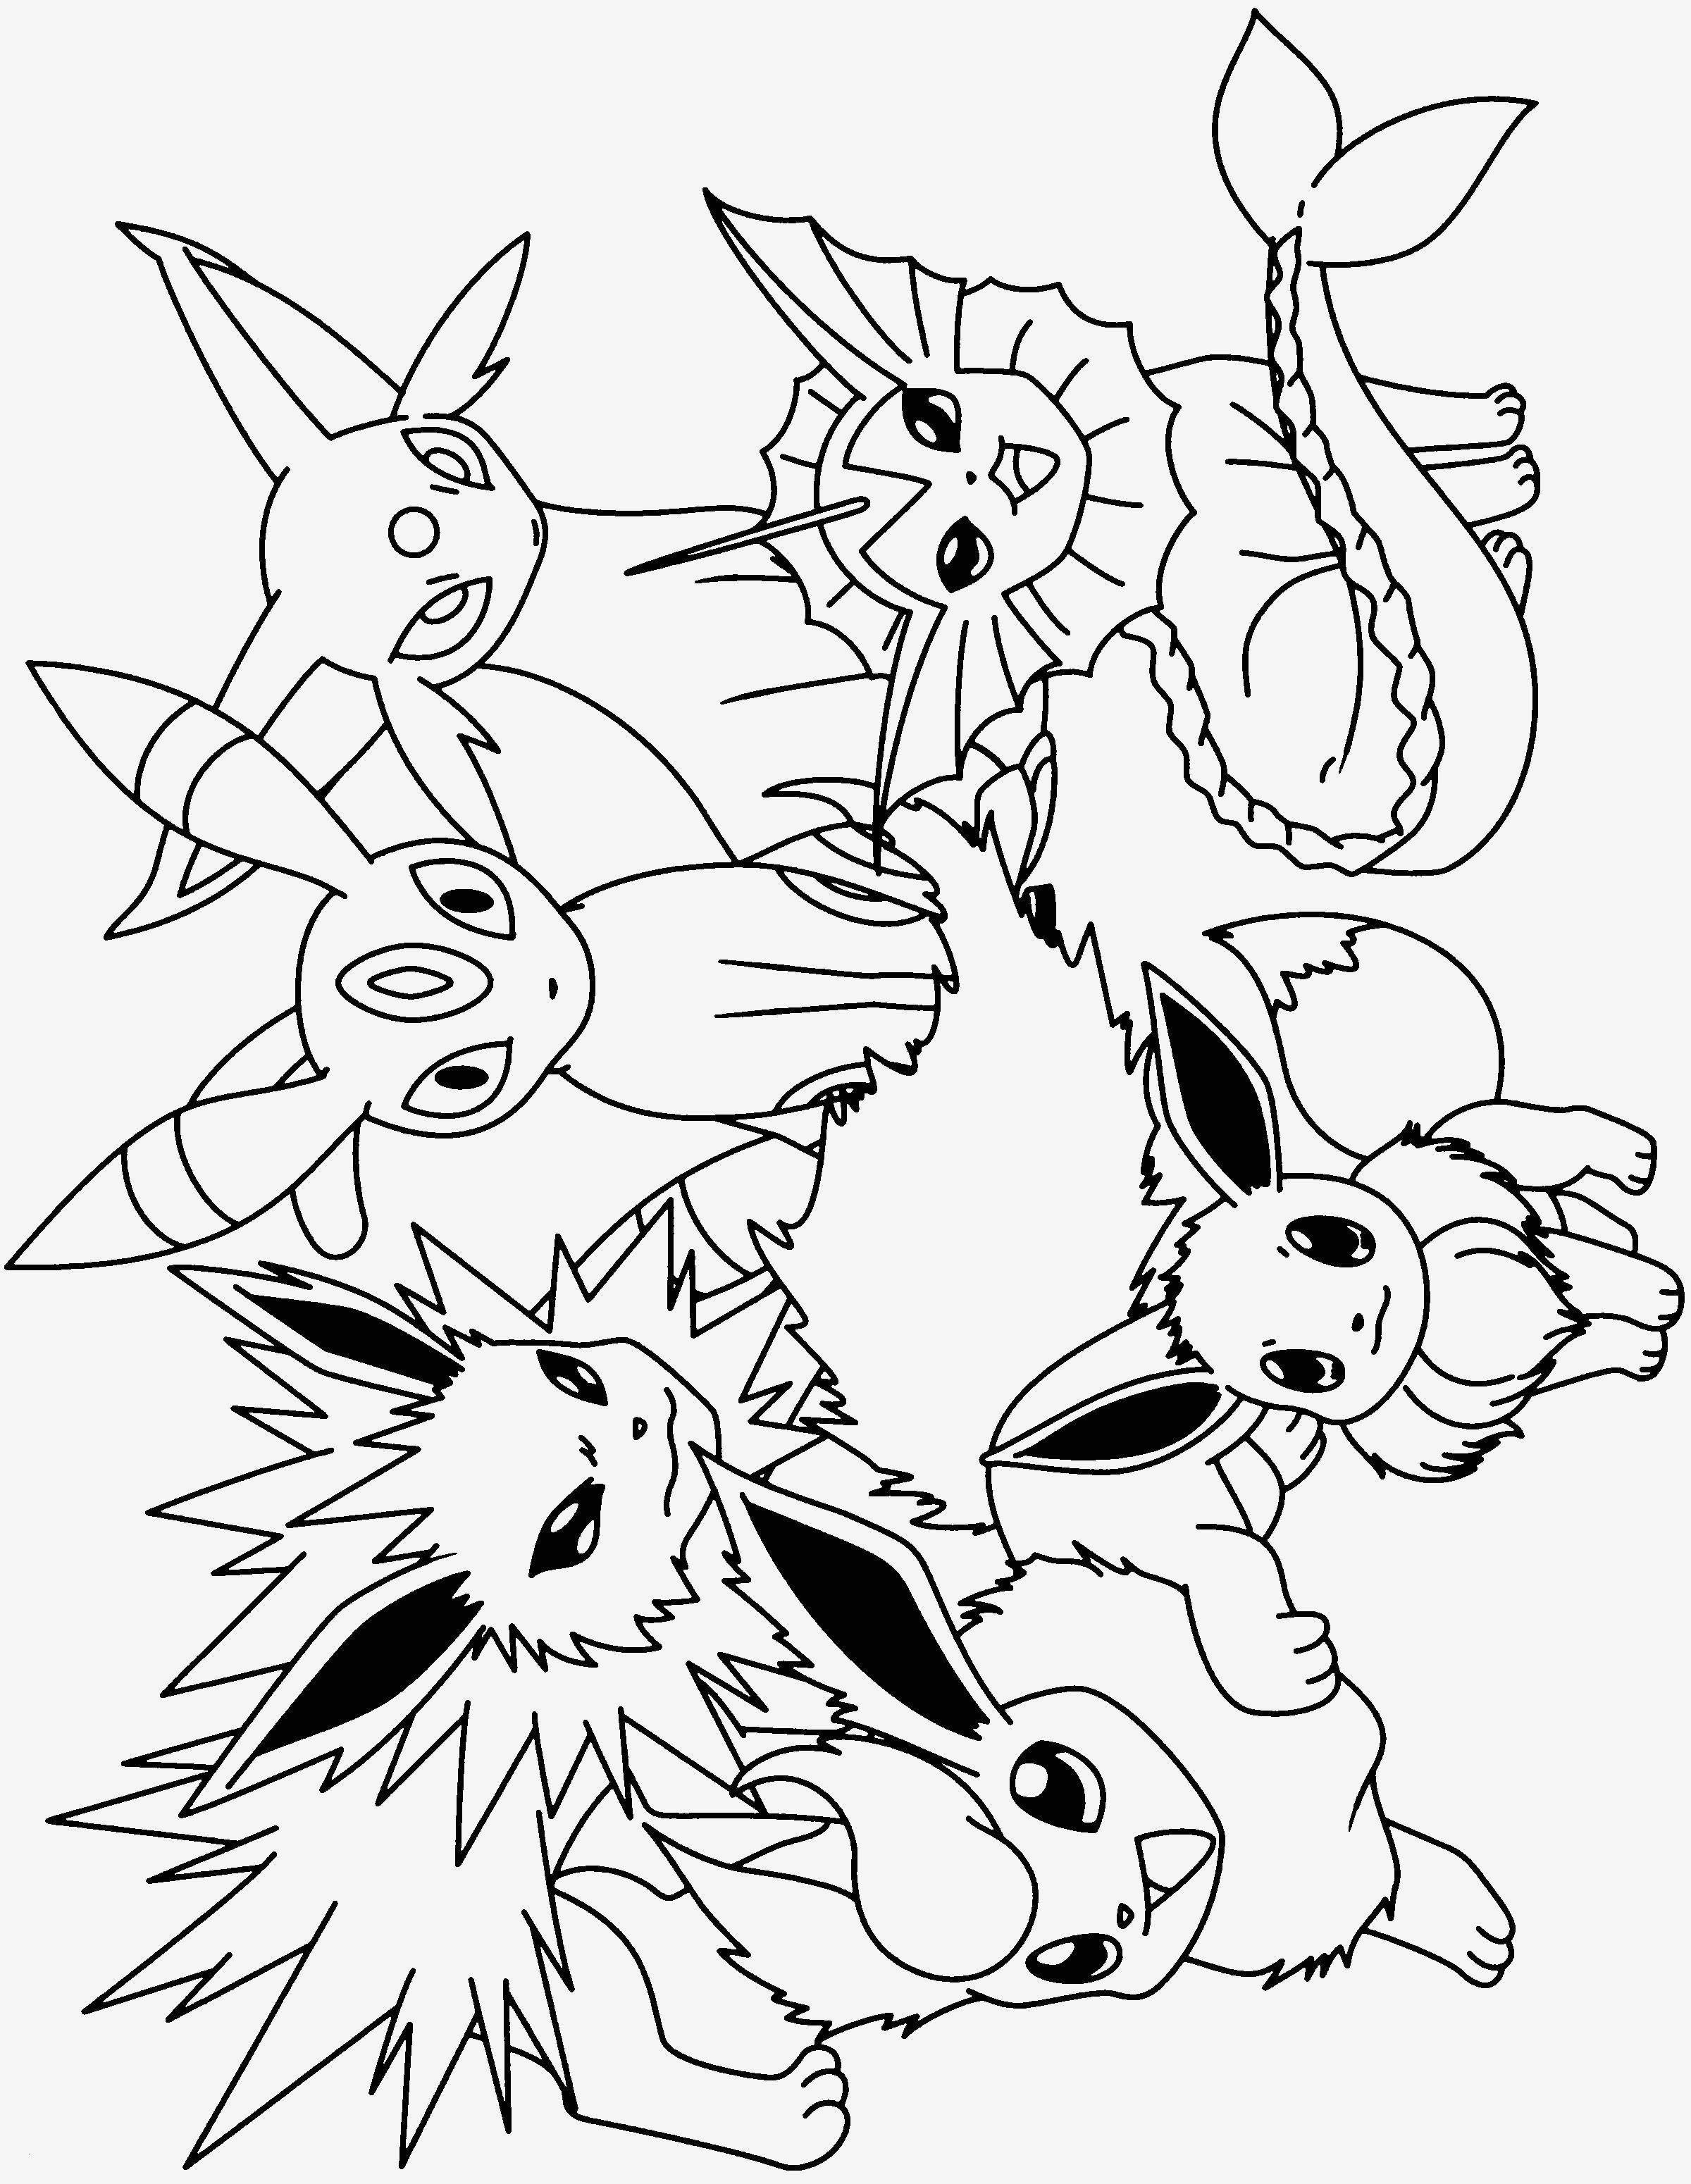 Ausmalbilder Pokemon Evoli Weiterentwicklung Genial 90 Inspirierend Pokemon Ausmalbilder Evoli Sammlung Bild